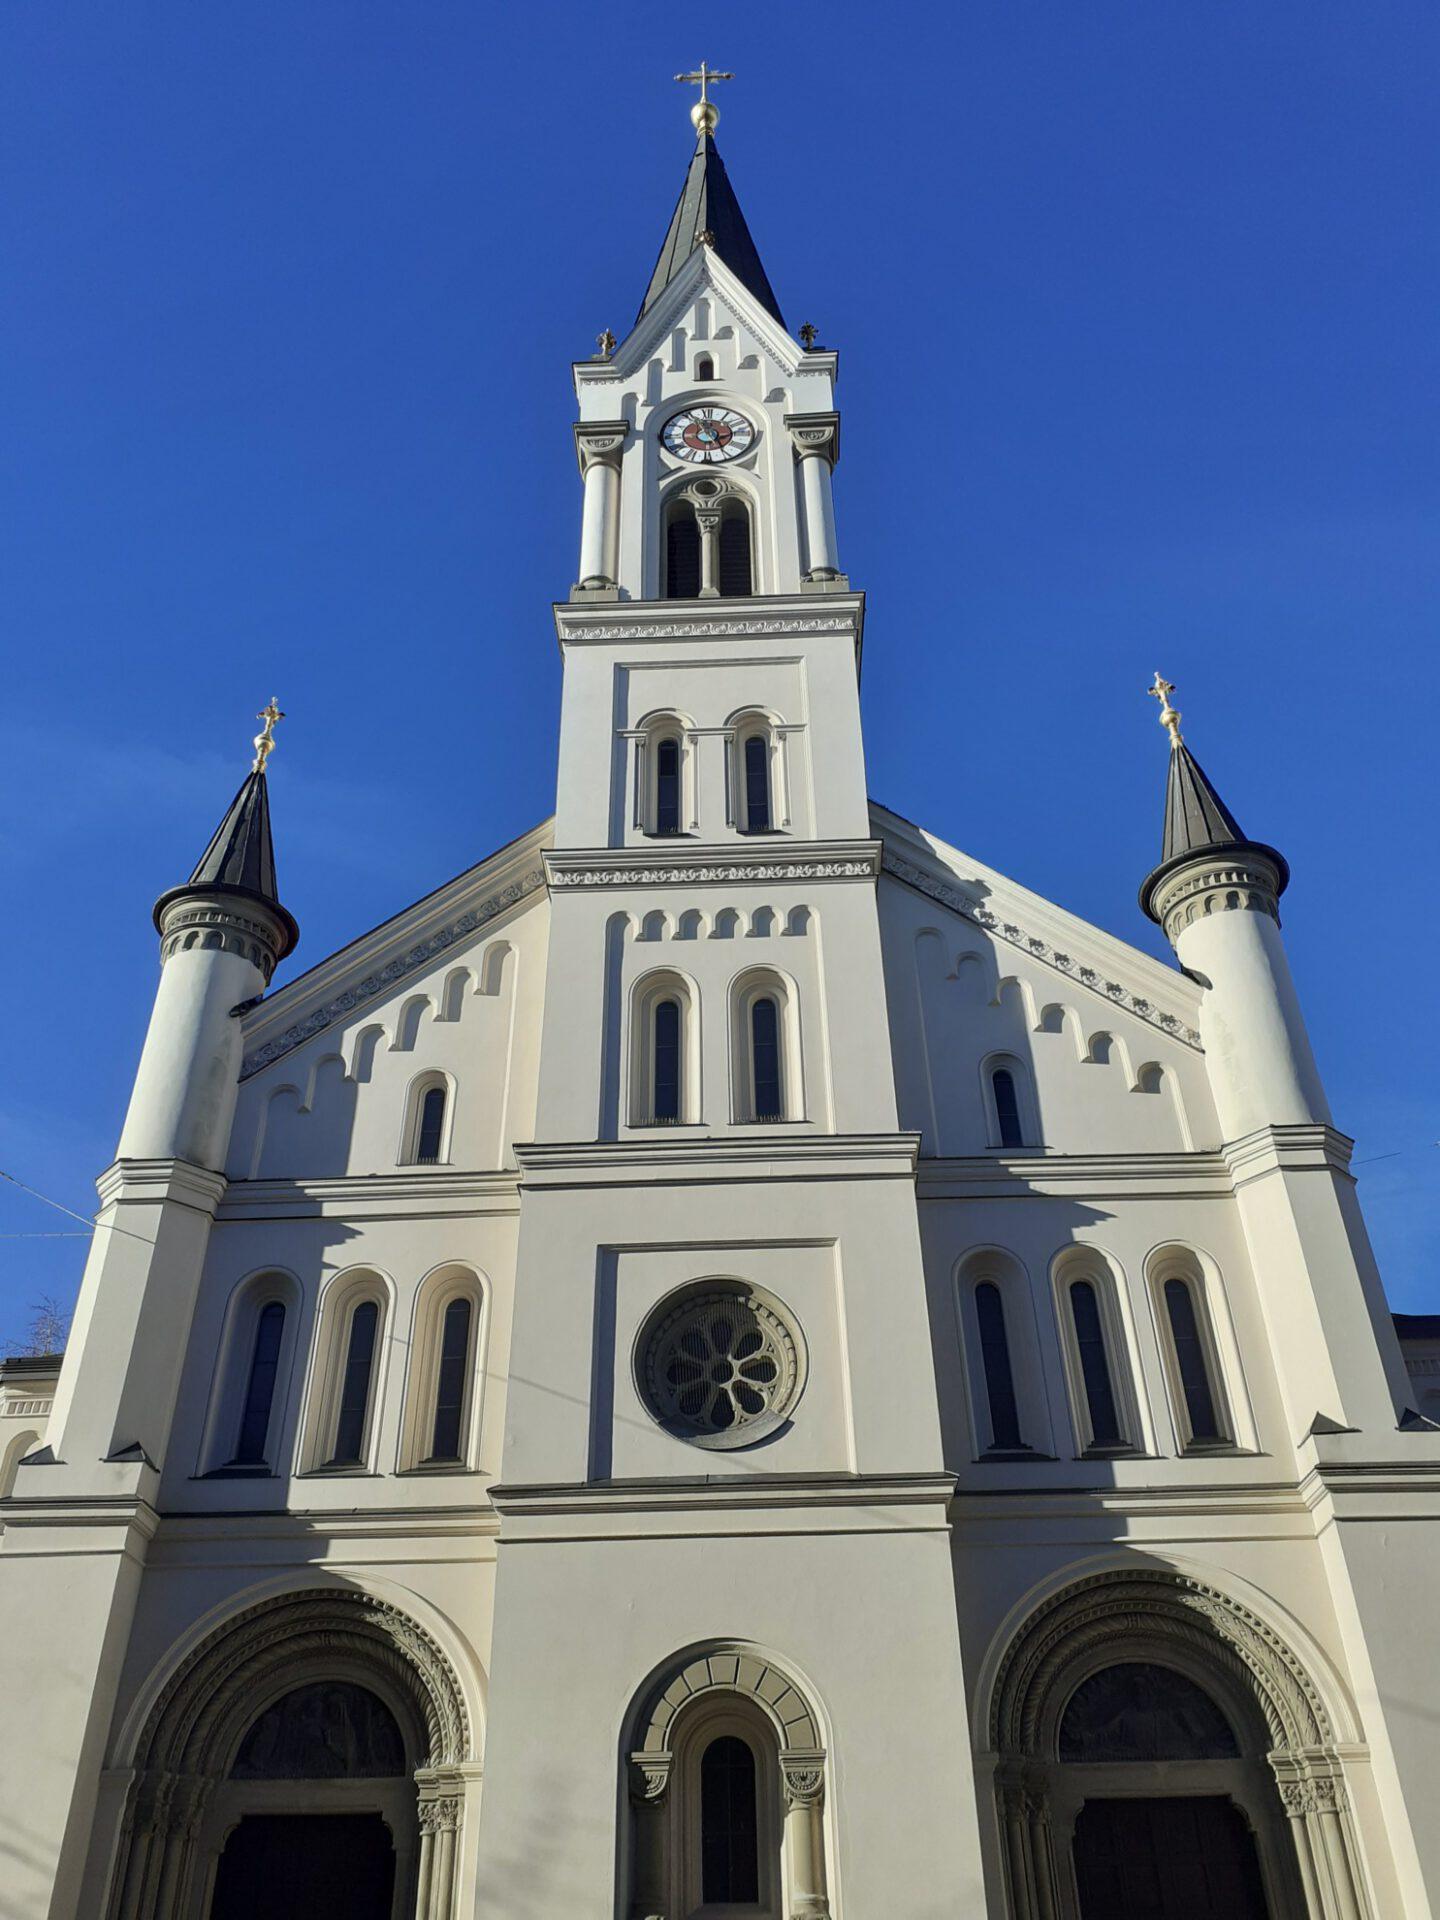 Pfarrkirche St. Benedikt München-Schwanthaler Höhe